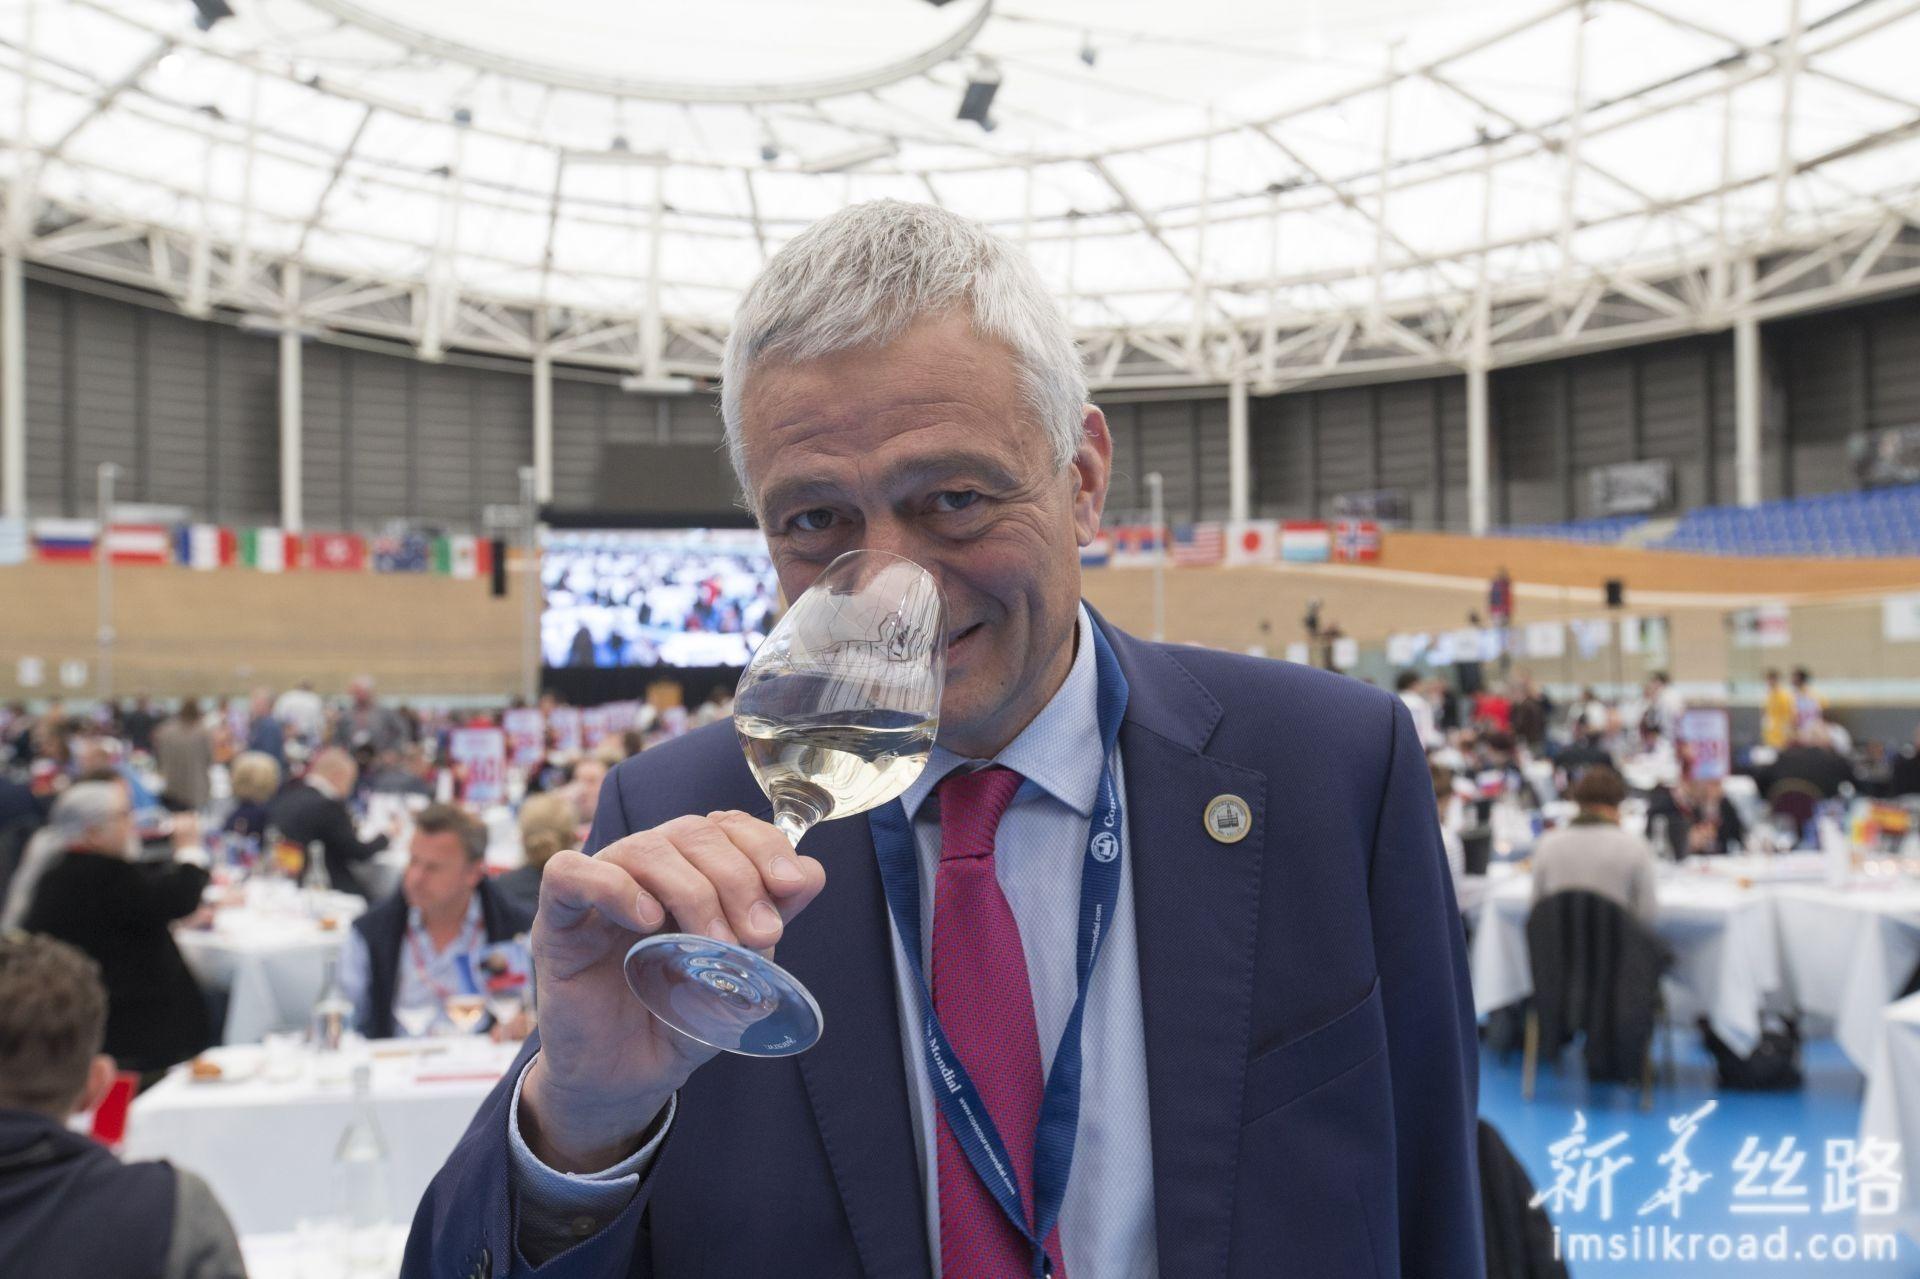 第26届布鲁塞尔国际葡萄酒大赛在瑞士落幕